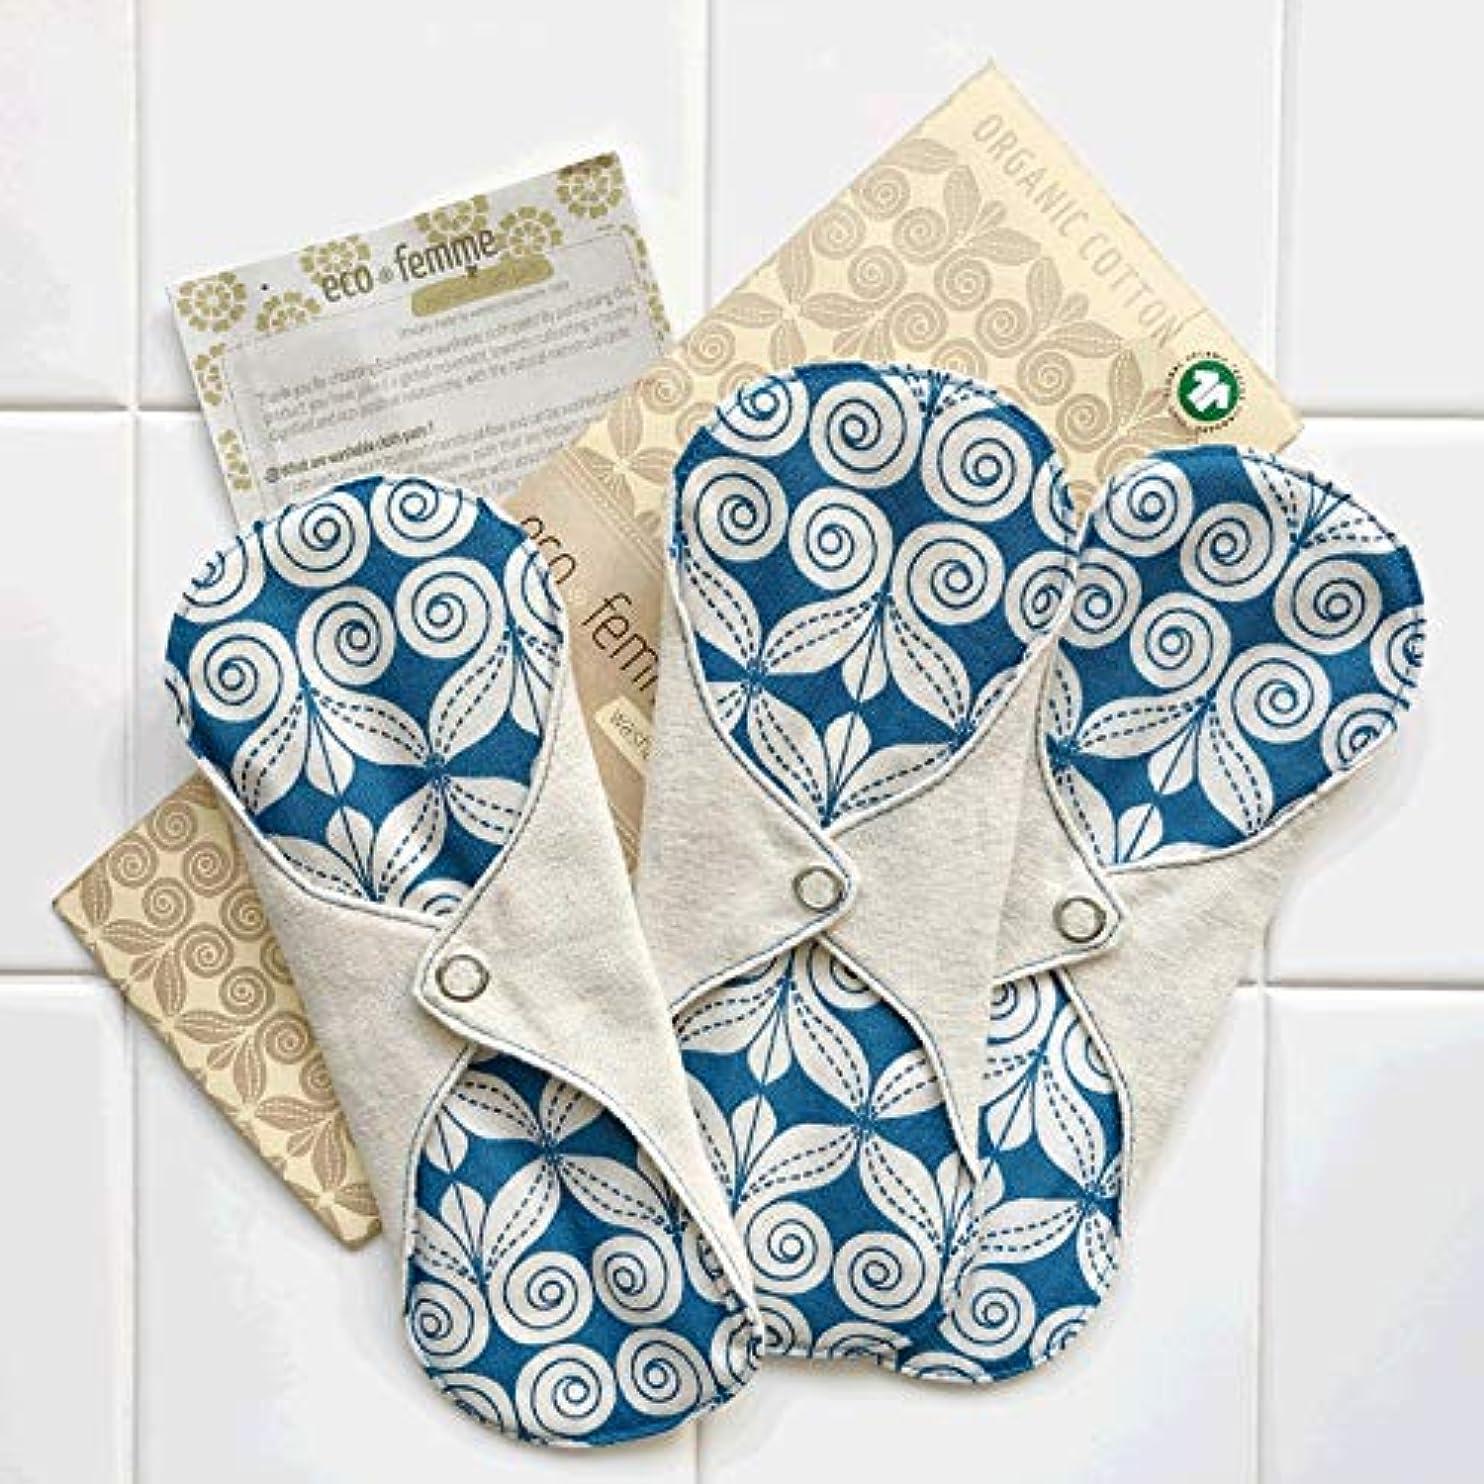 釈義感染する着る軽い日用3枚セット 南インド「Eco Femme」布ナプキン 洗えるオーガニックコットン(肌面無漂白)防水あり?内側に3層のフランネル使用